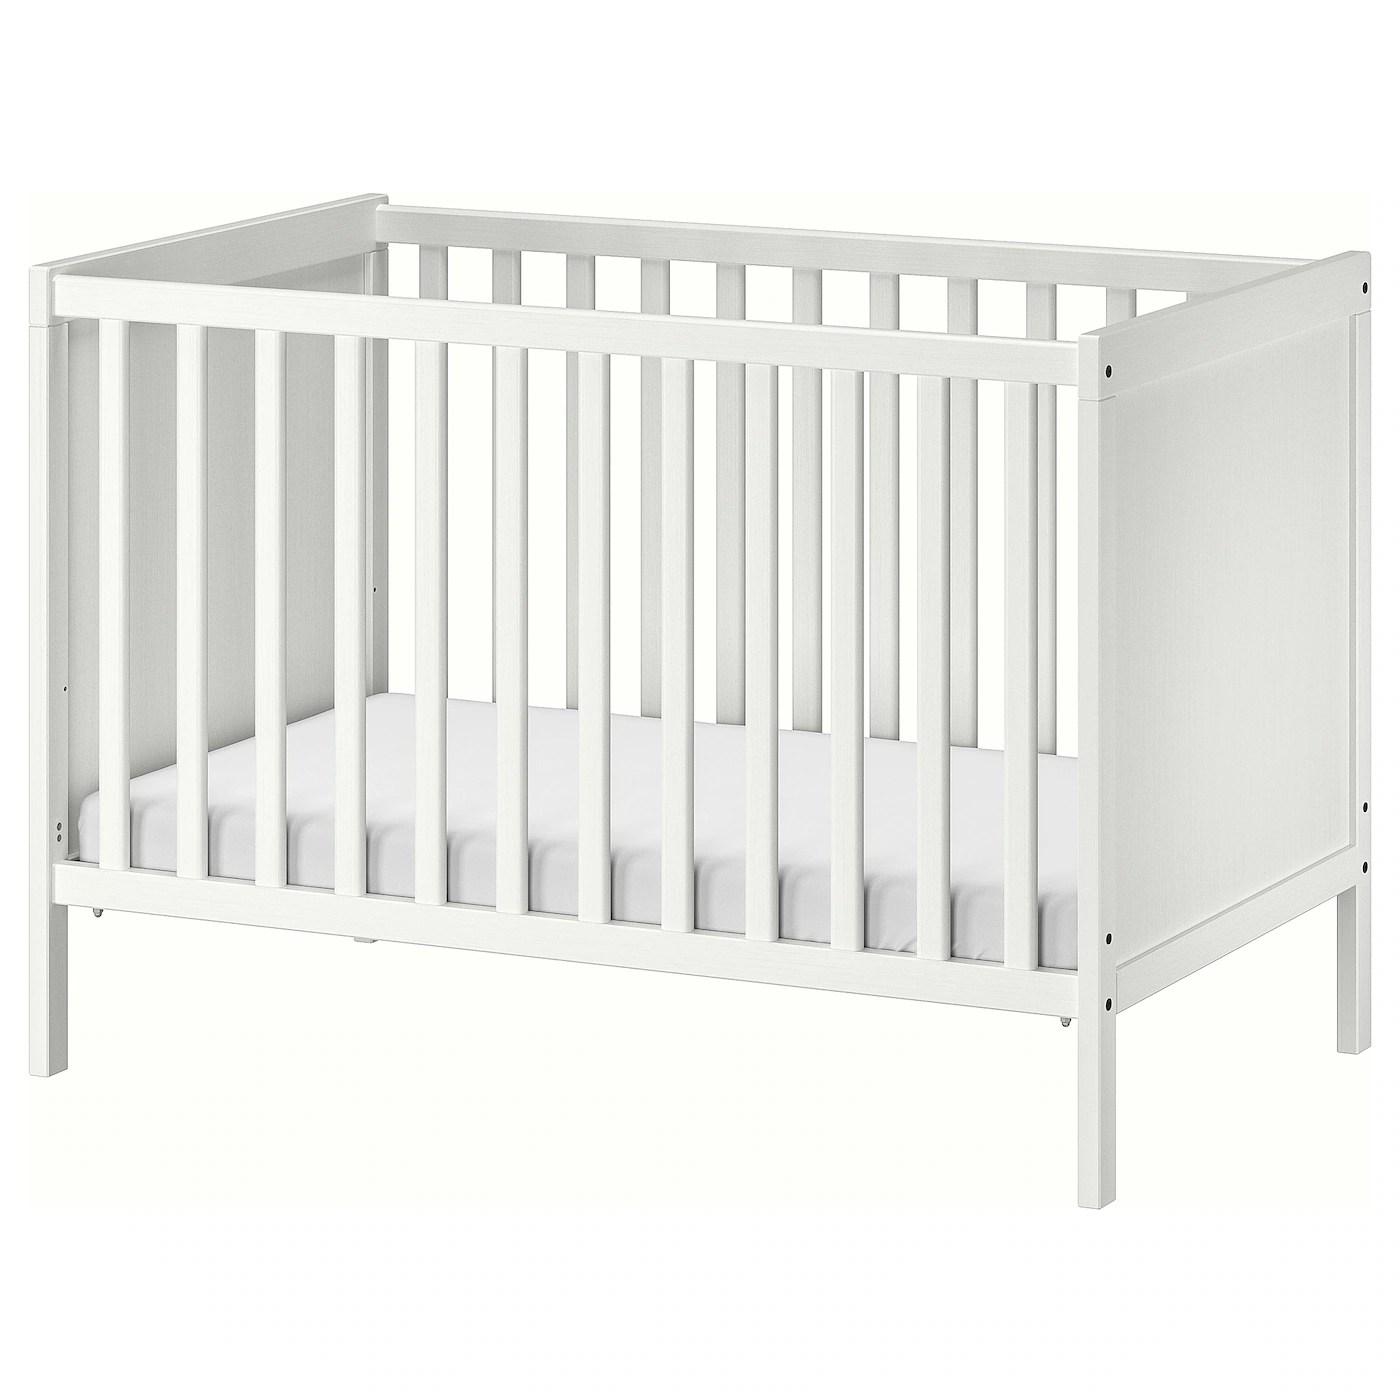 Sundvik Lit Bebe Blanc 60x120 Cm Materiau Durable Ikea